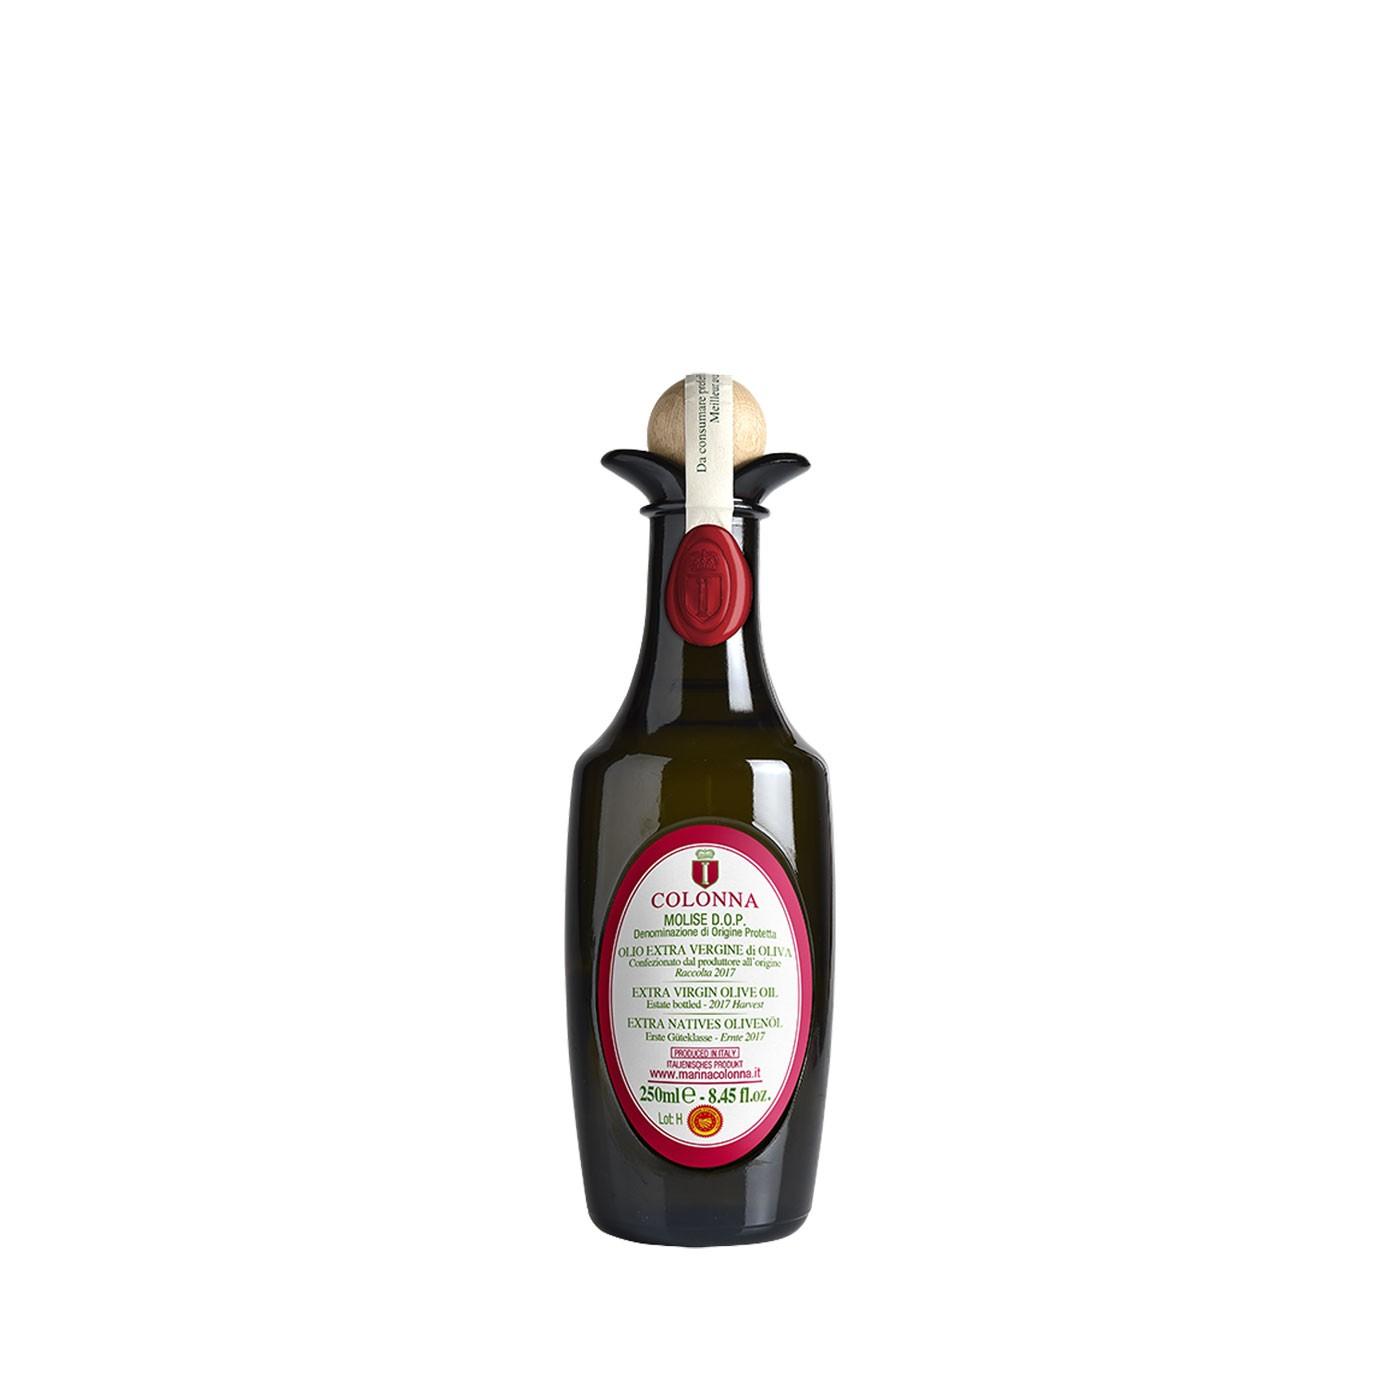 Molise Extra Virgin Olive Oil DOP 8.8 oz